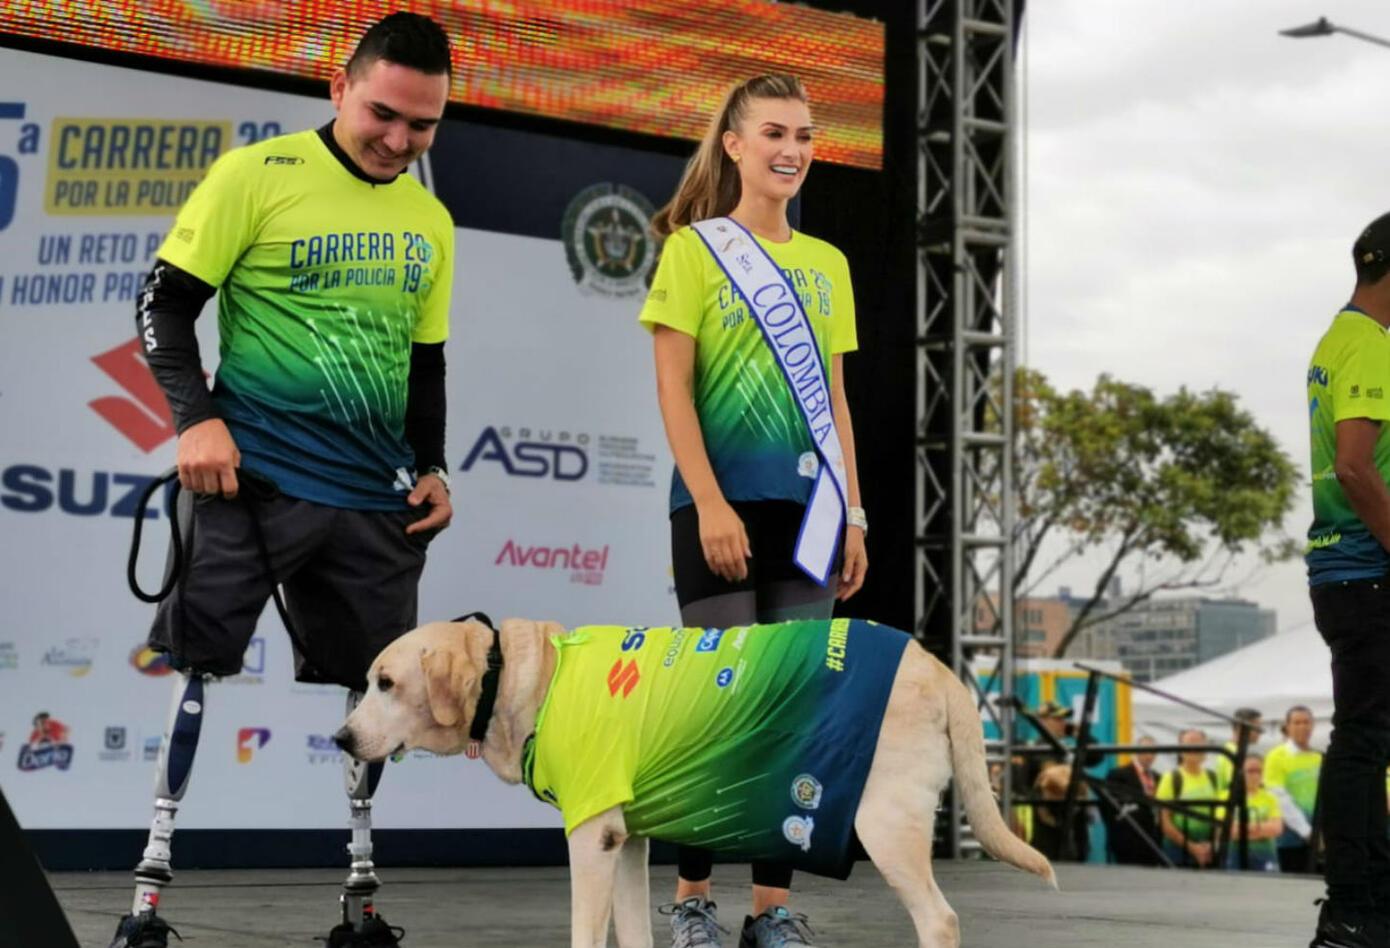 Señorita Colombia en la Carrera 10 K de la Policía